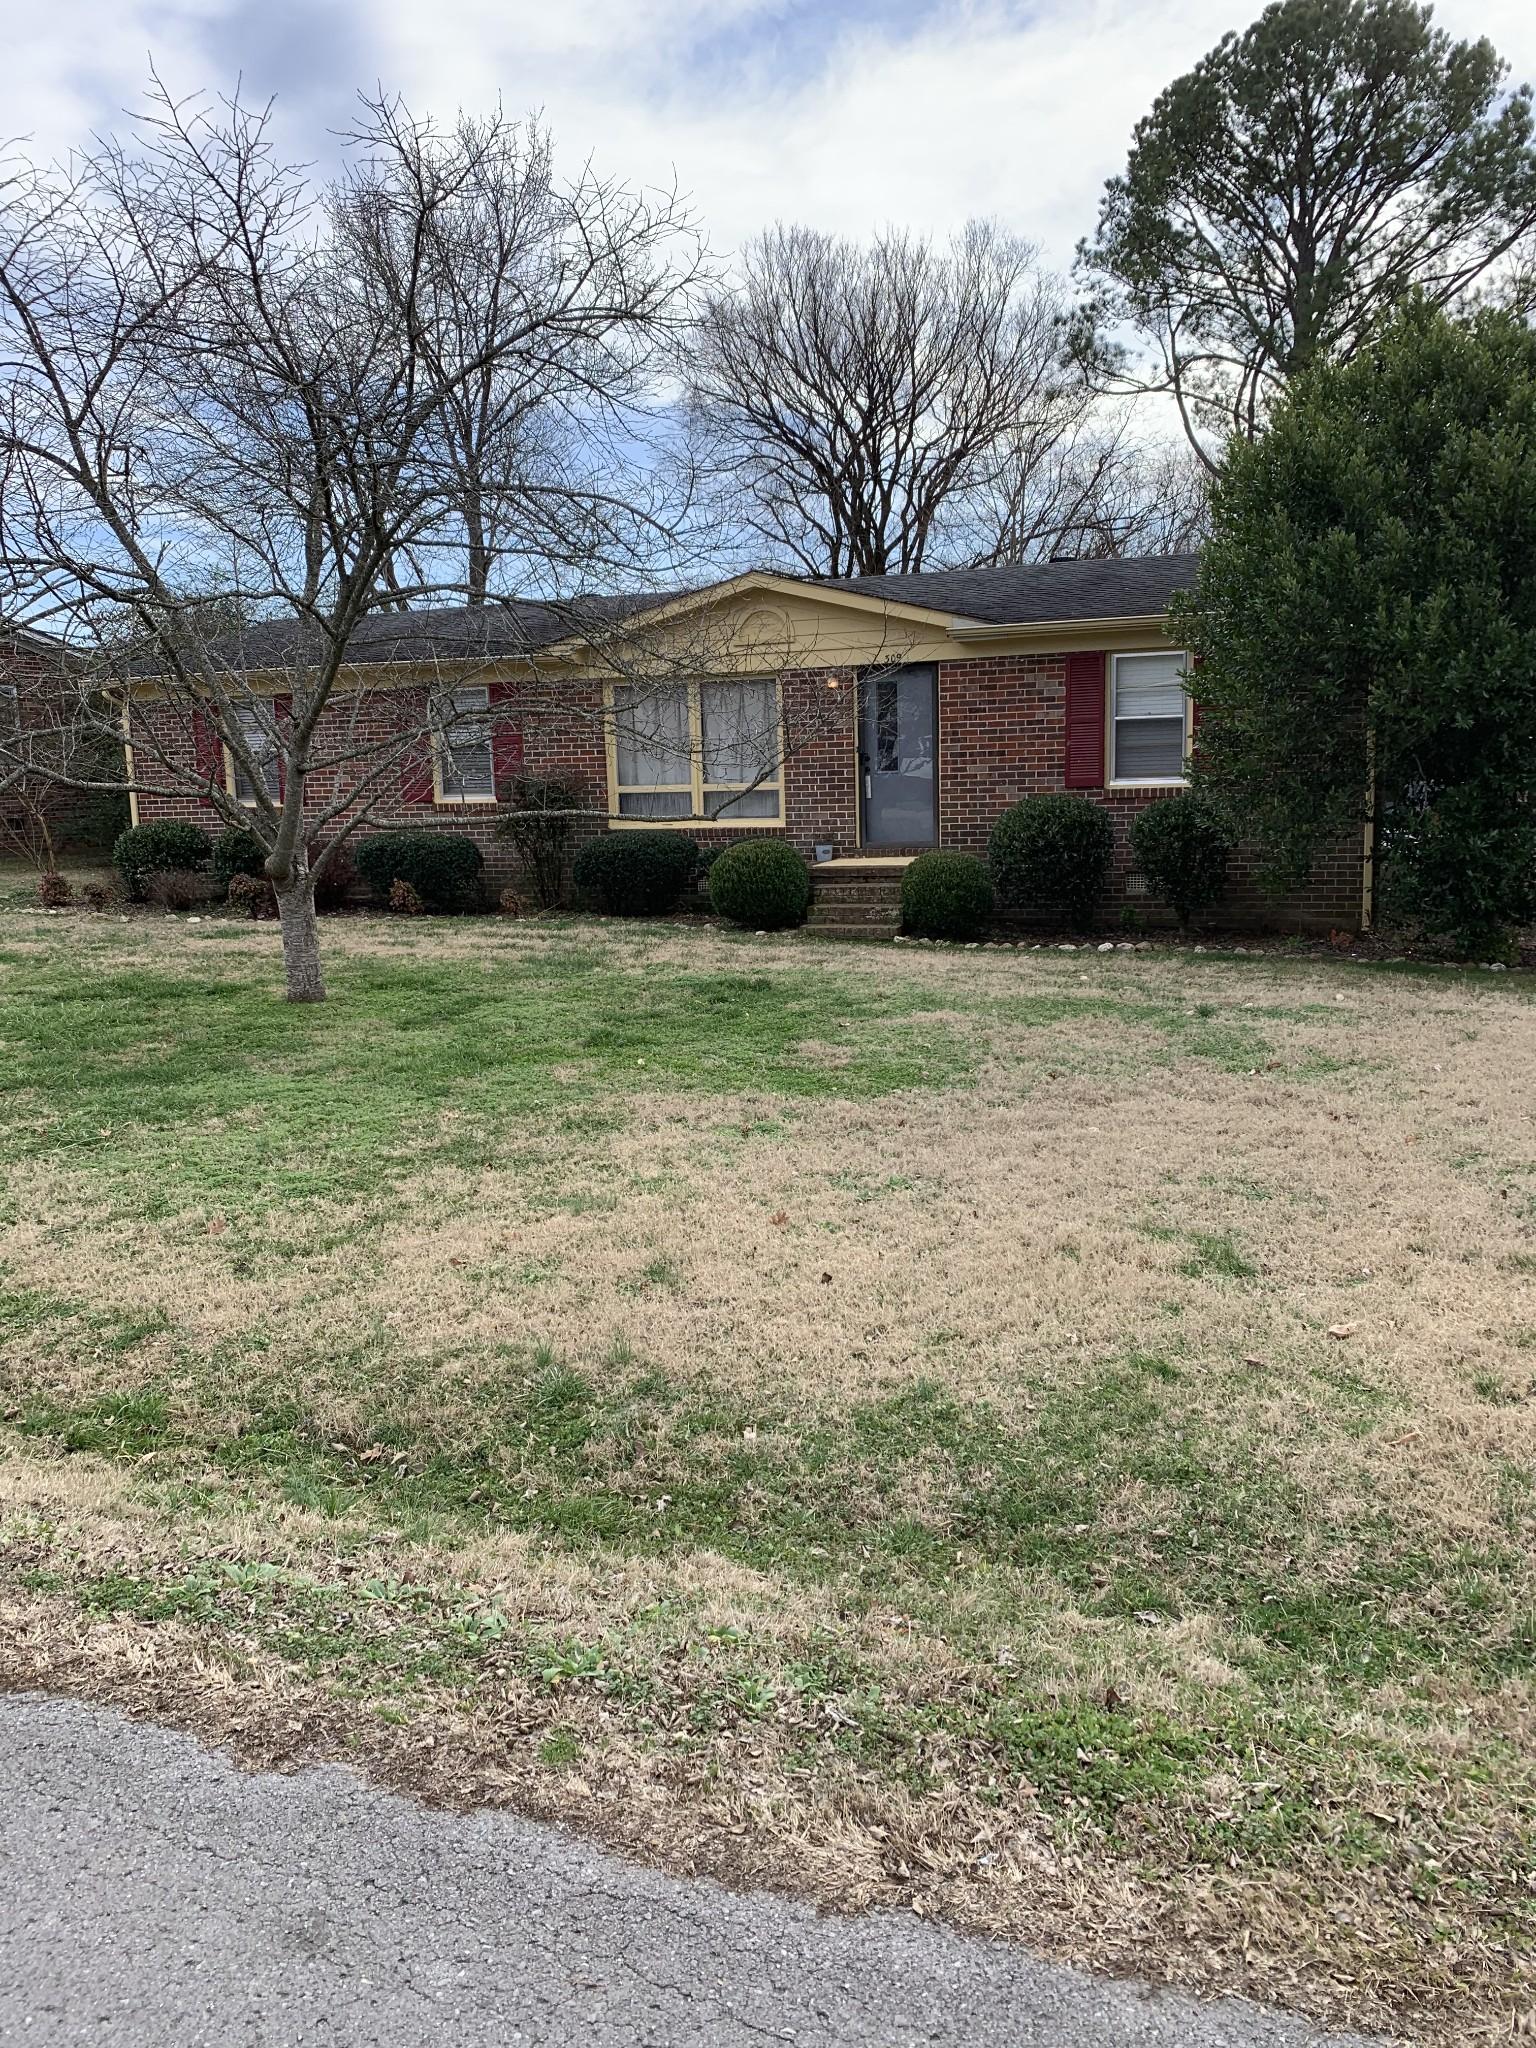 309 Greenbriar St, Woodbury, TN 37190 - Woodbury, TN real estate listing